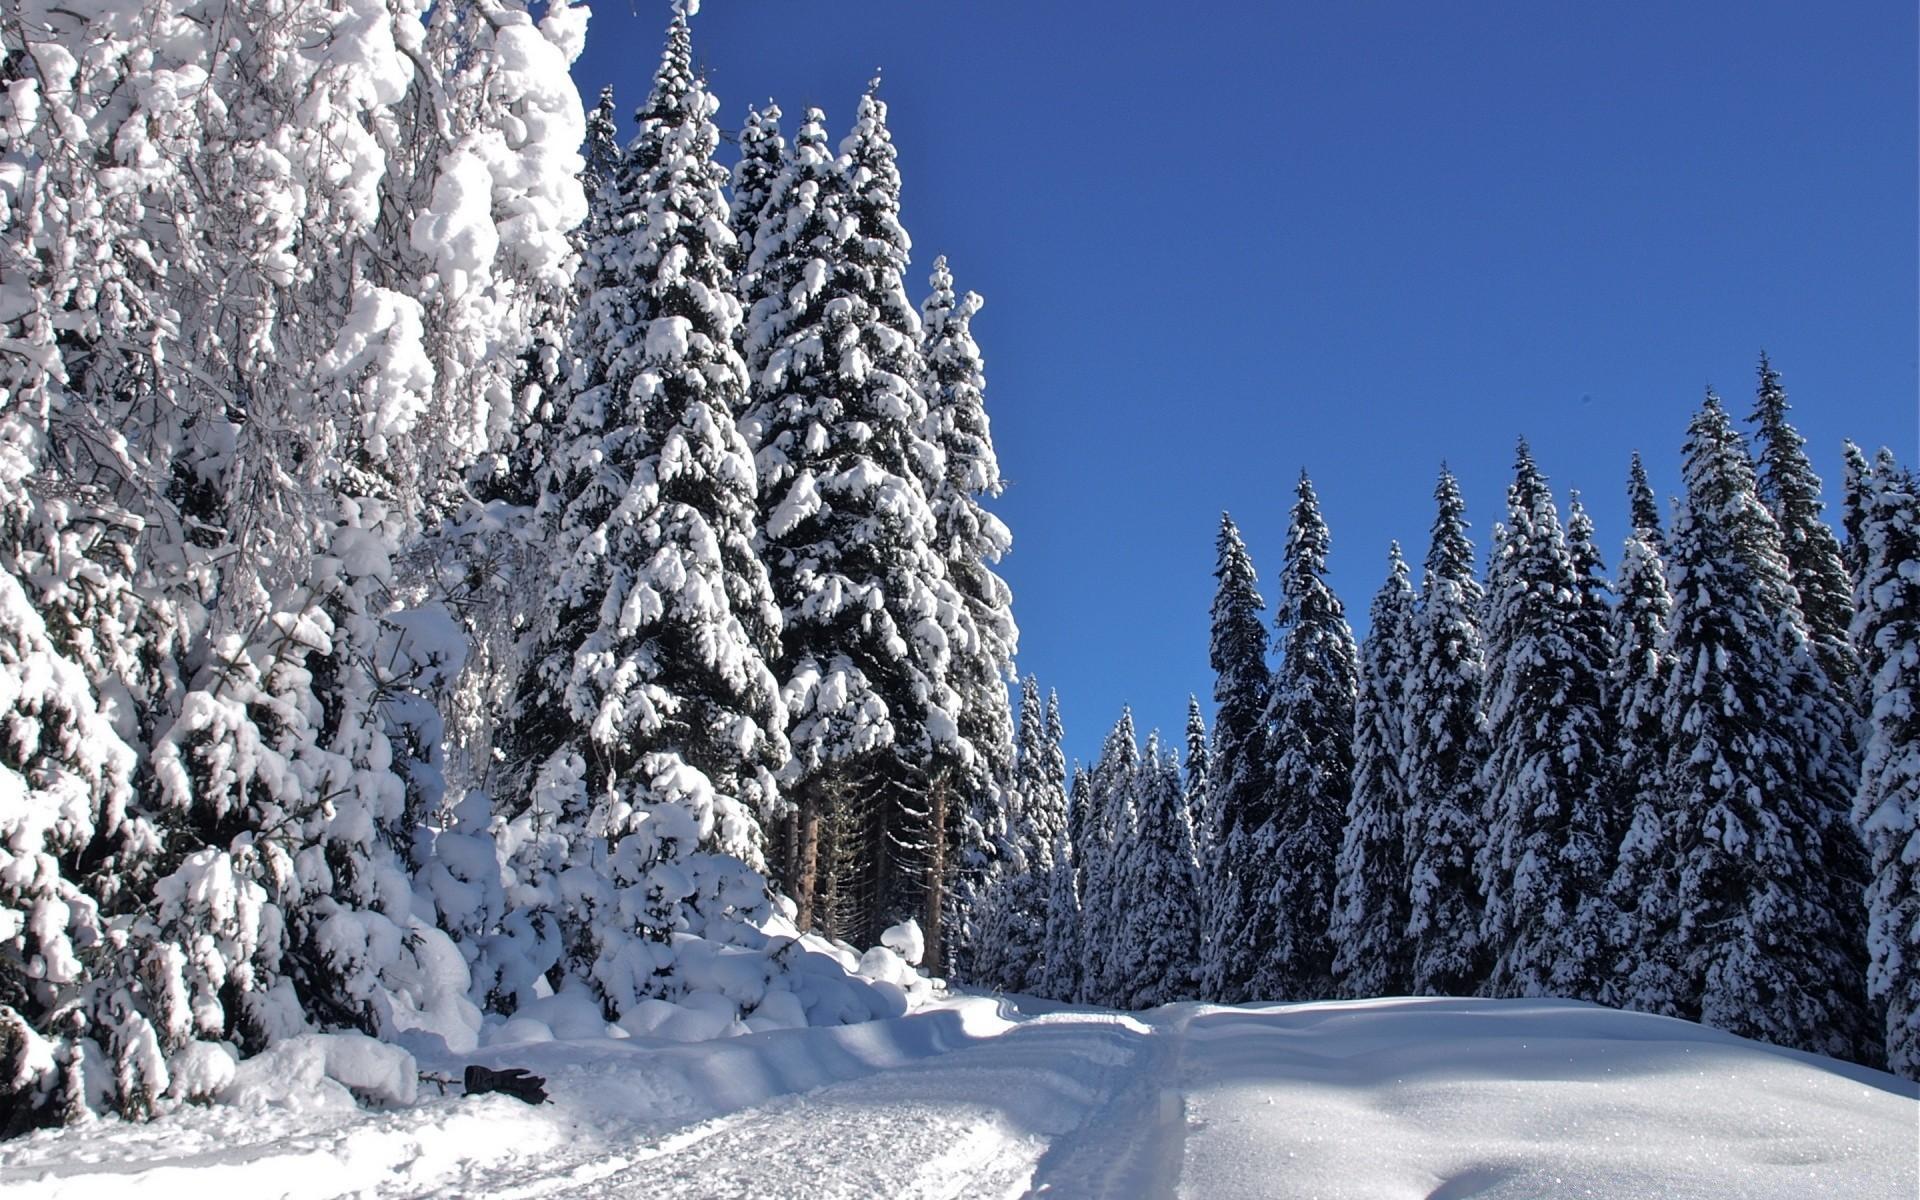 Красивые зимний лес картинки